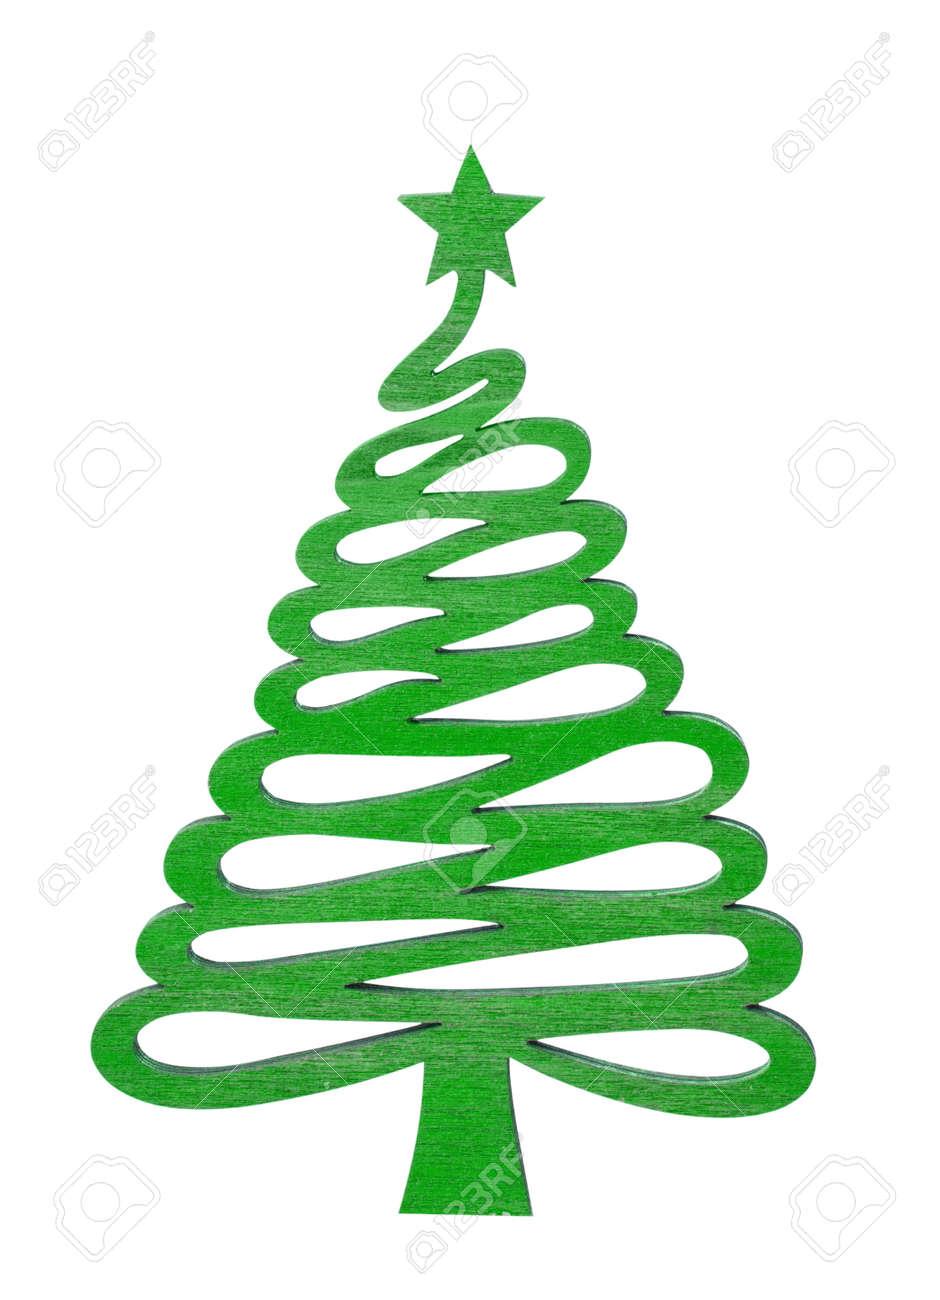 Arbre Bois Blanc Decoration décoration de noël arbre bois vert avec étoile isolé sur blanc avec chemin  de détourage. noël jouet en bois. bois arbre de noël sur un fond blanc